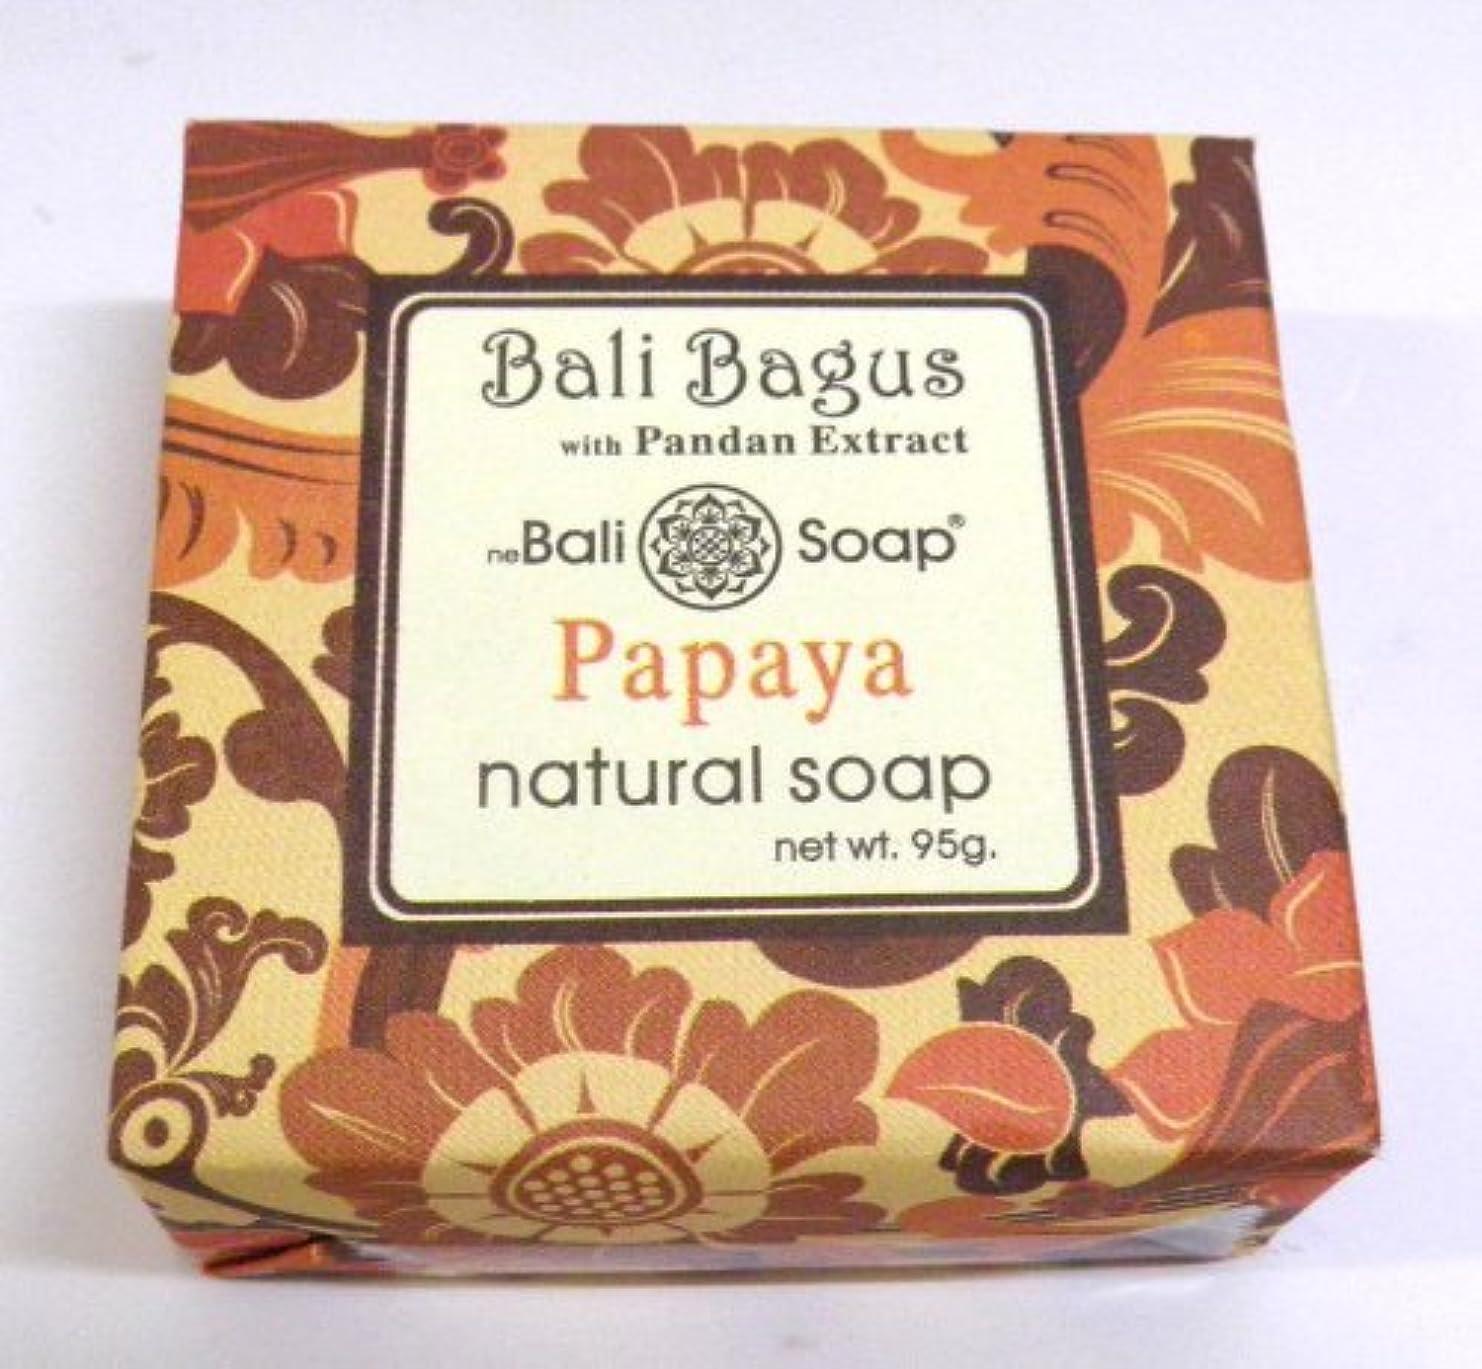 勧める基礎理論裁定Bali Bagus バリナチュラルソープ (Papaya パパイヤ)